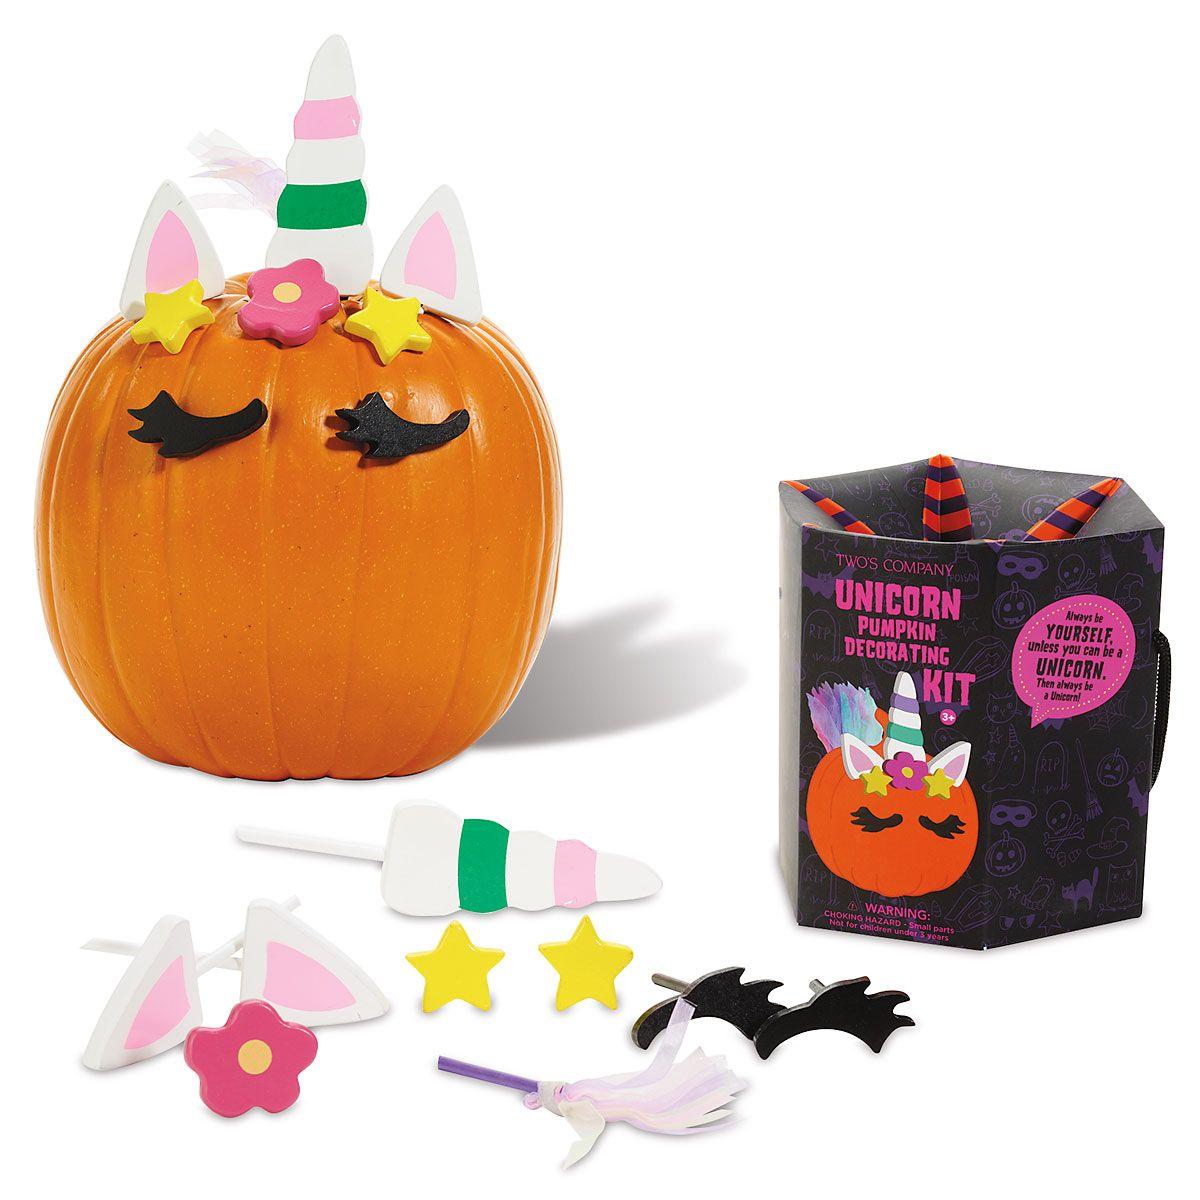 Decorate a Pumpkin Unicorn